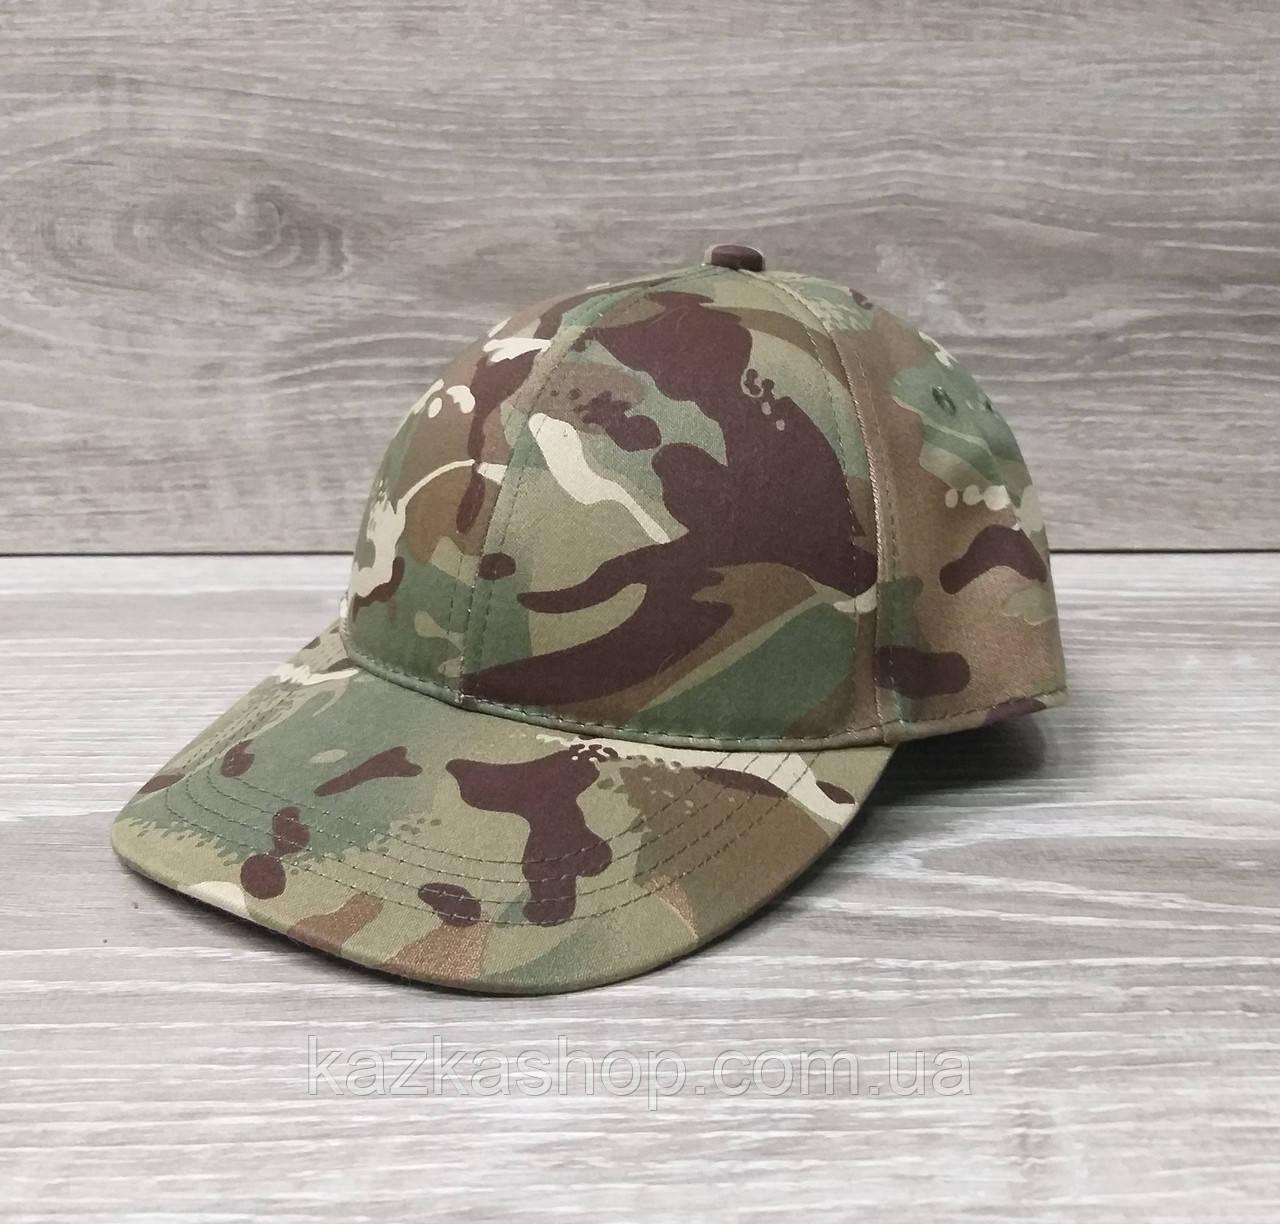 Тактическая  мужская  бейсболка, кепка, размер 56-58, на регуляторе